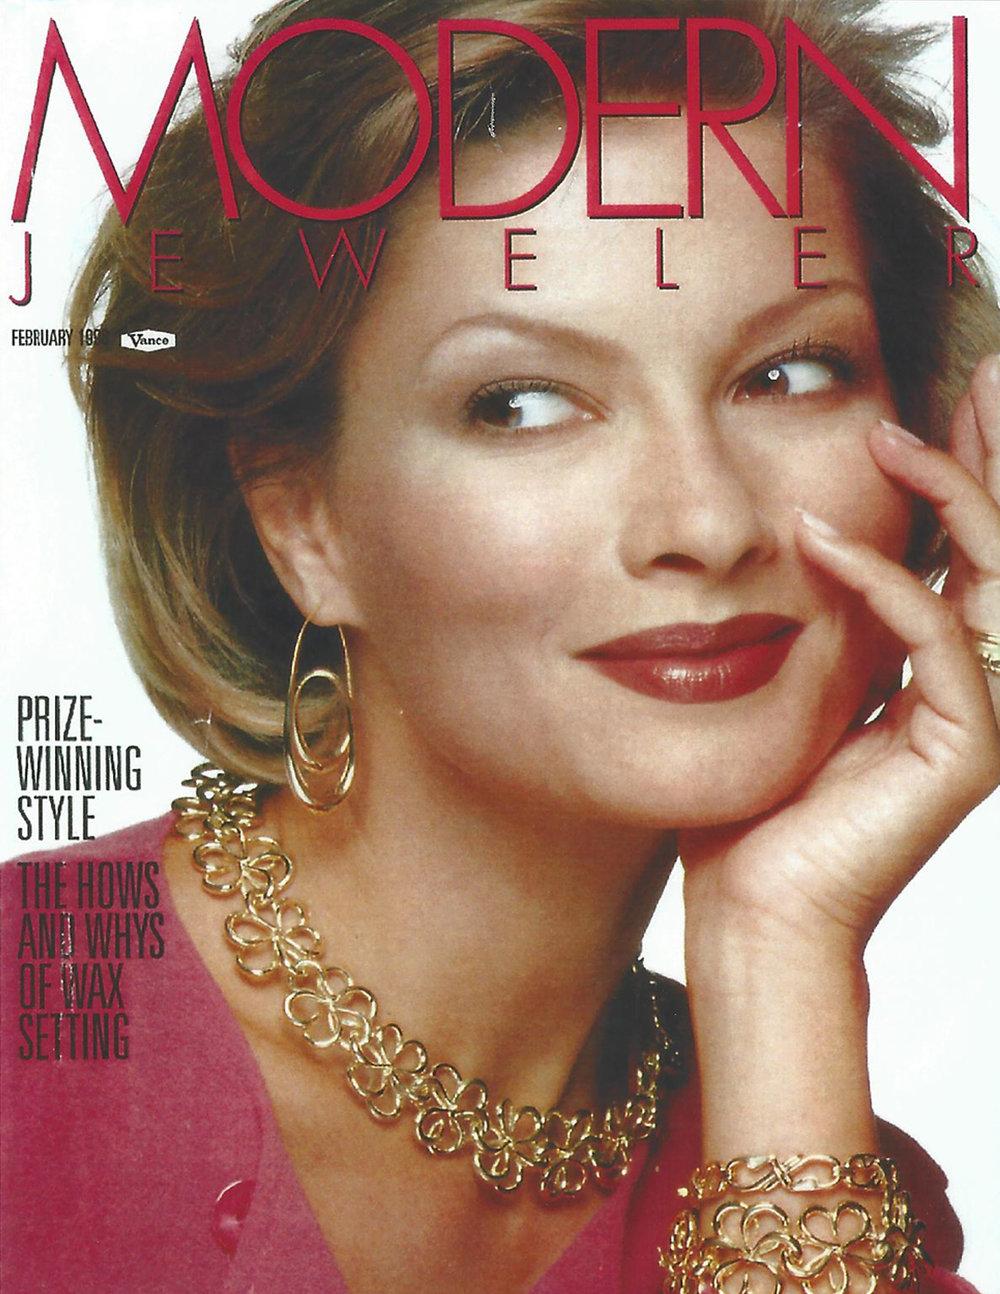 modern-jeweler-web.jpg